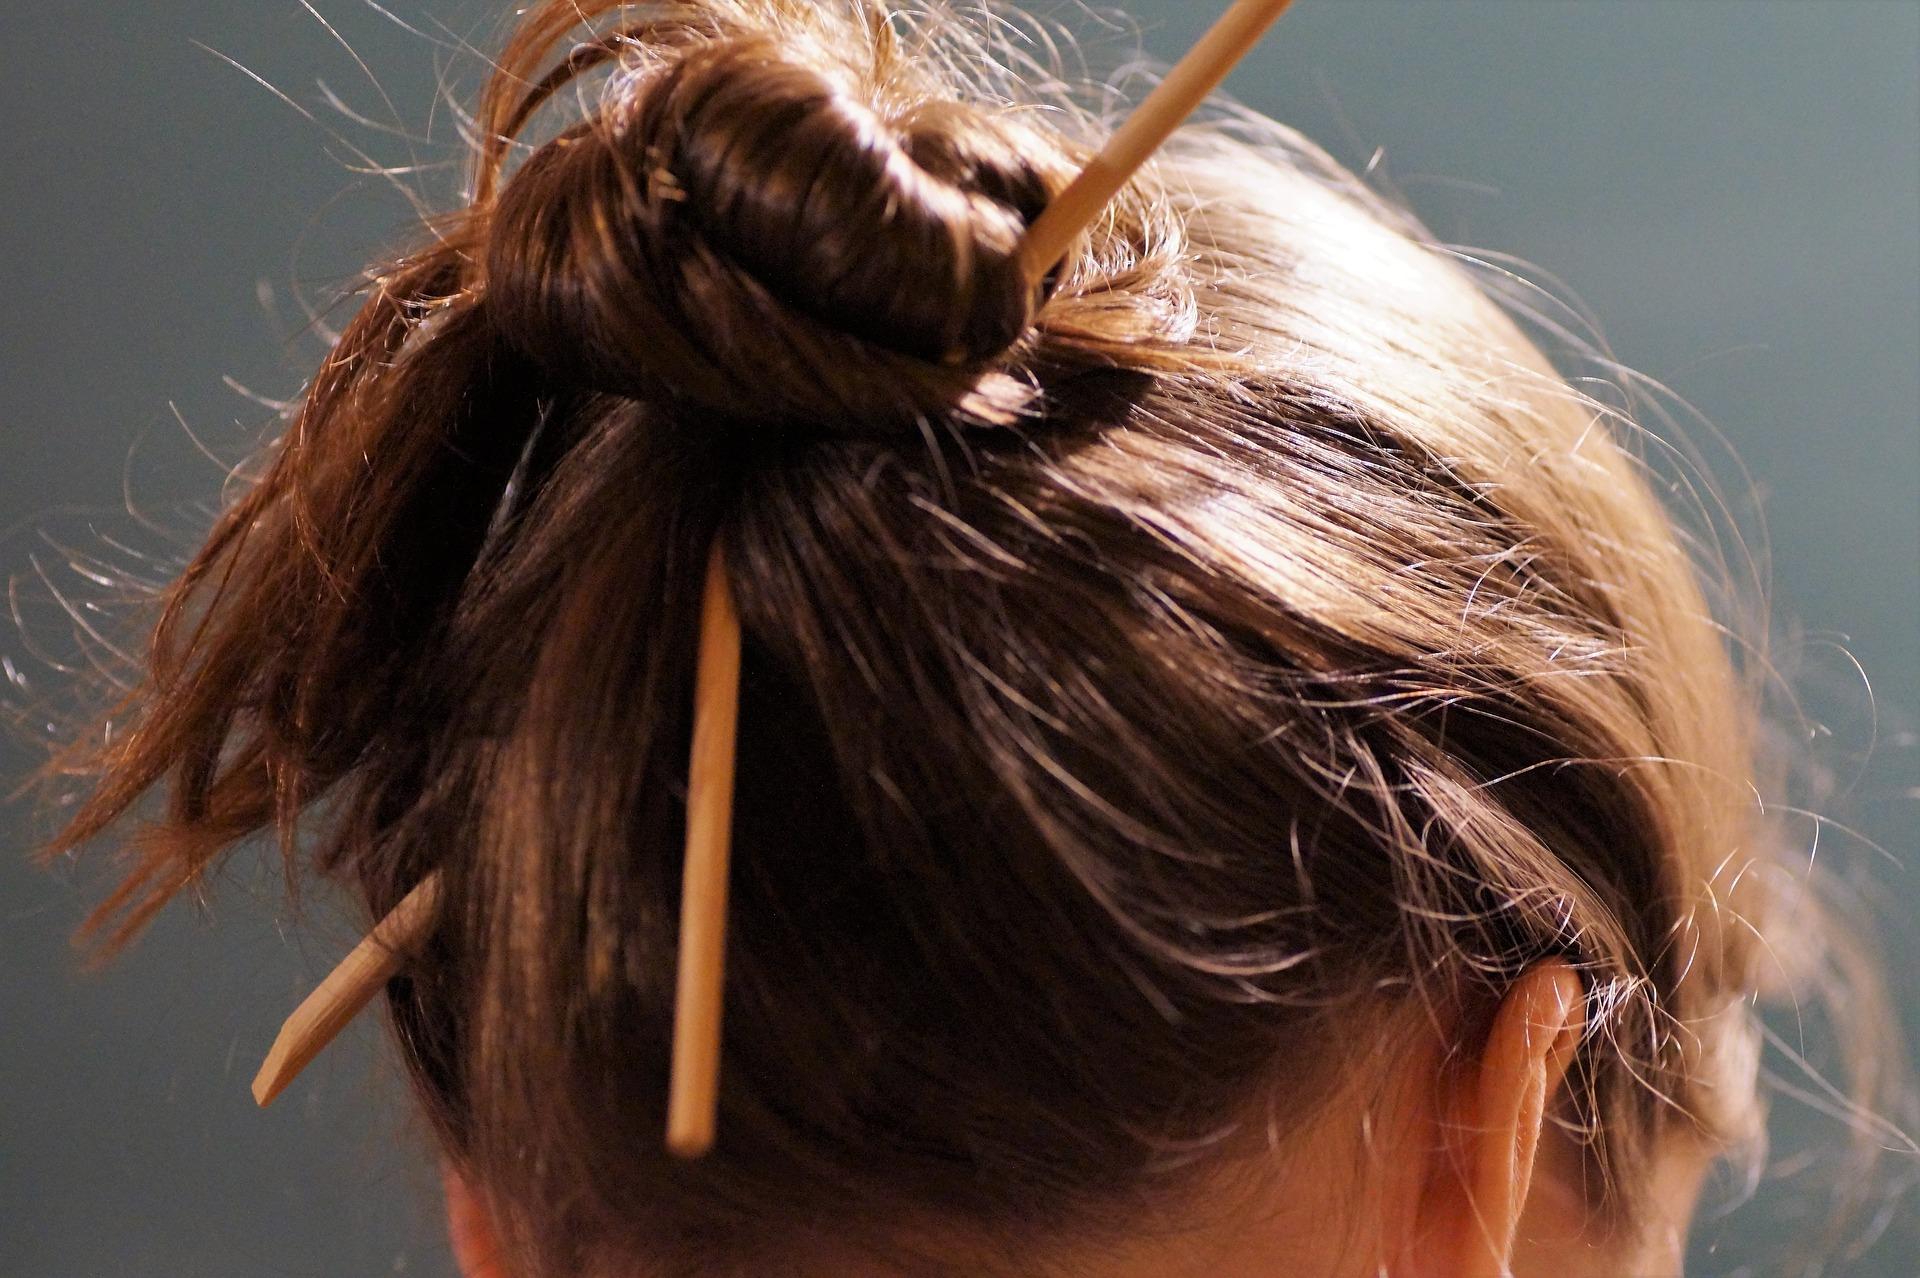 nauka hiszpańskiego poprzez związki frazeologiczne: por los pelos